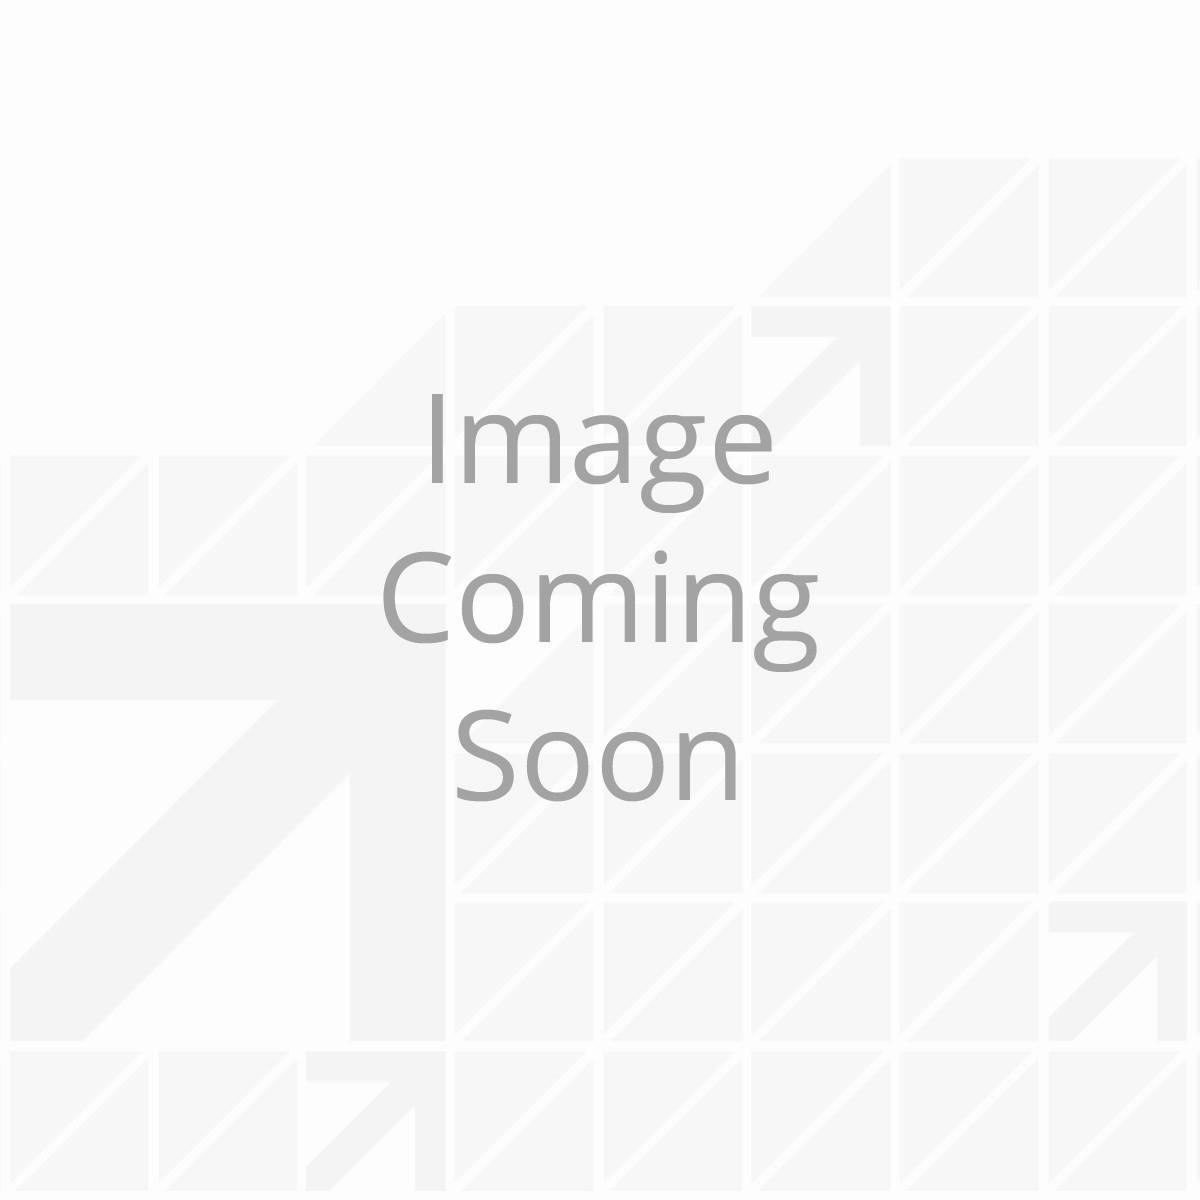 Hinge Assembly; 6 Leaf - Black; Controlled Motion